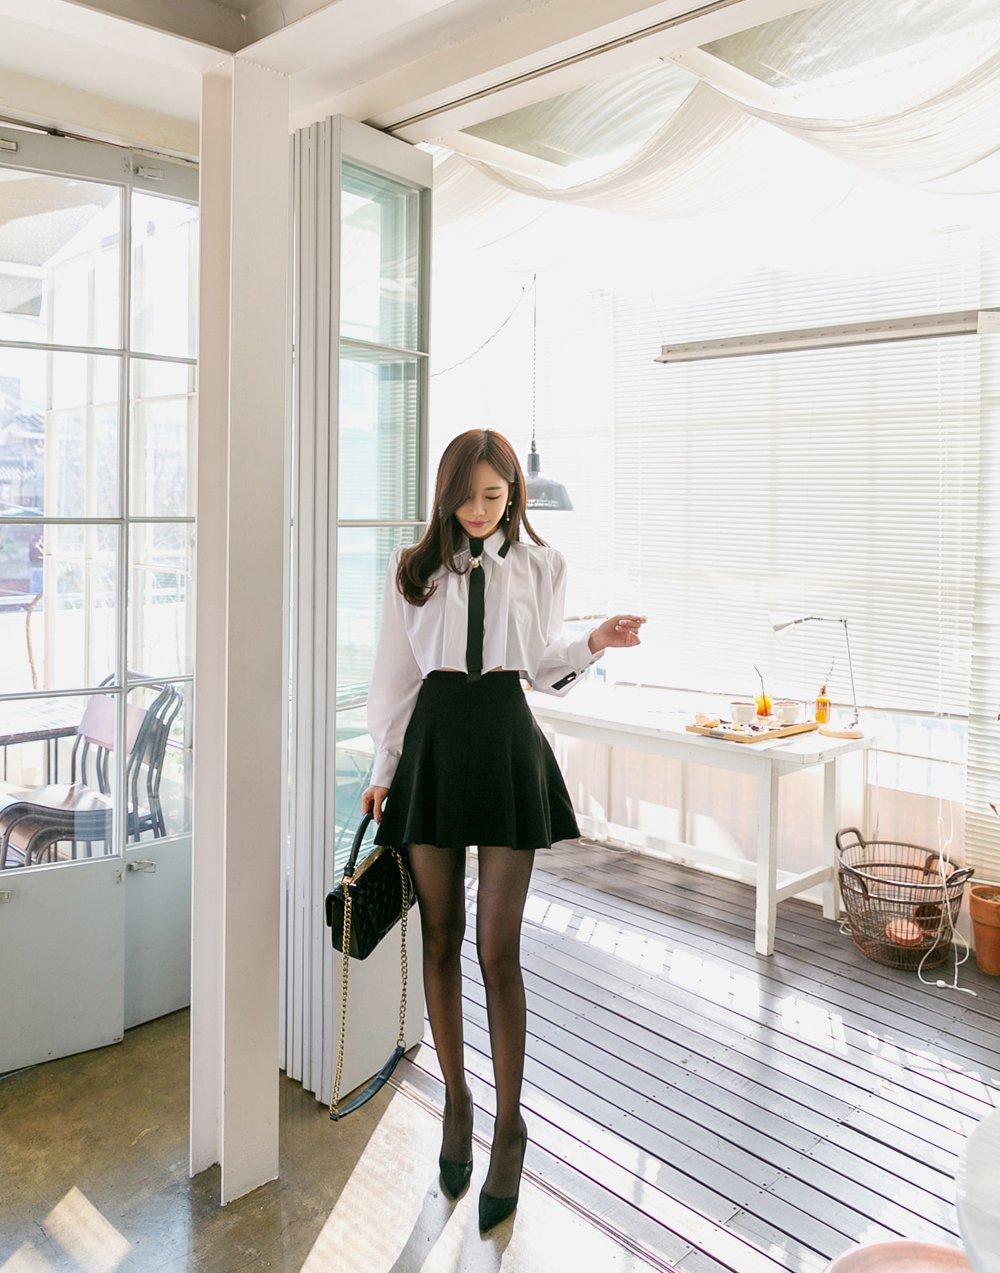 裙秀风姿 孙允珠:初恋学园乖甜小妖精百褶洋裙